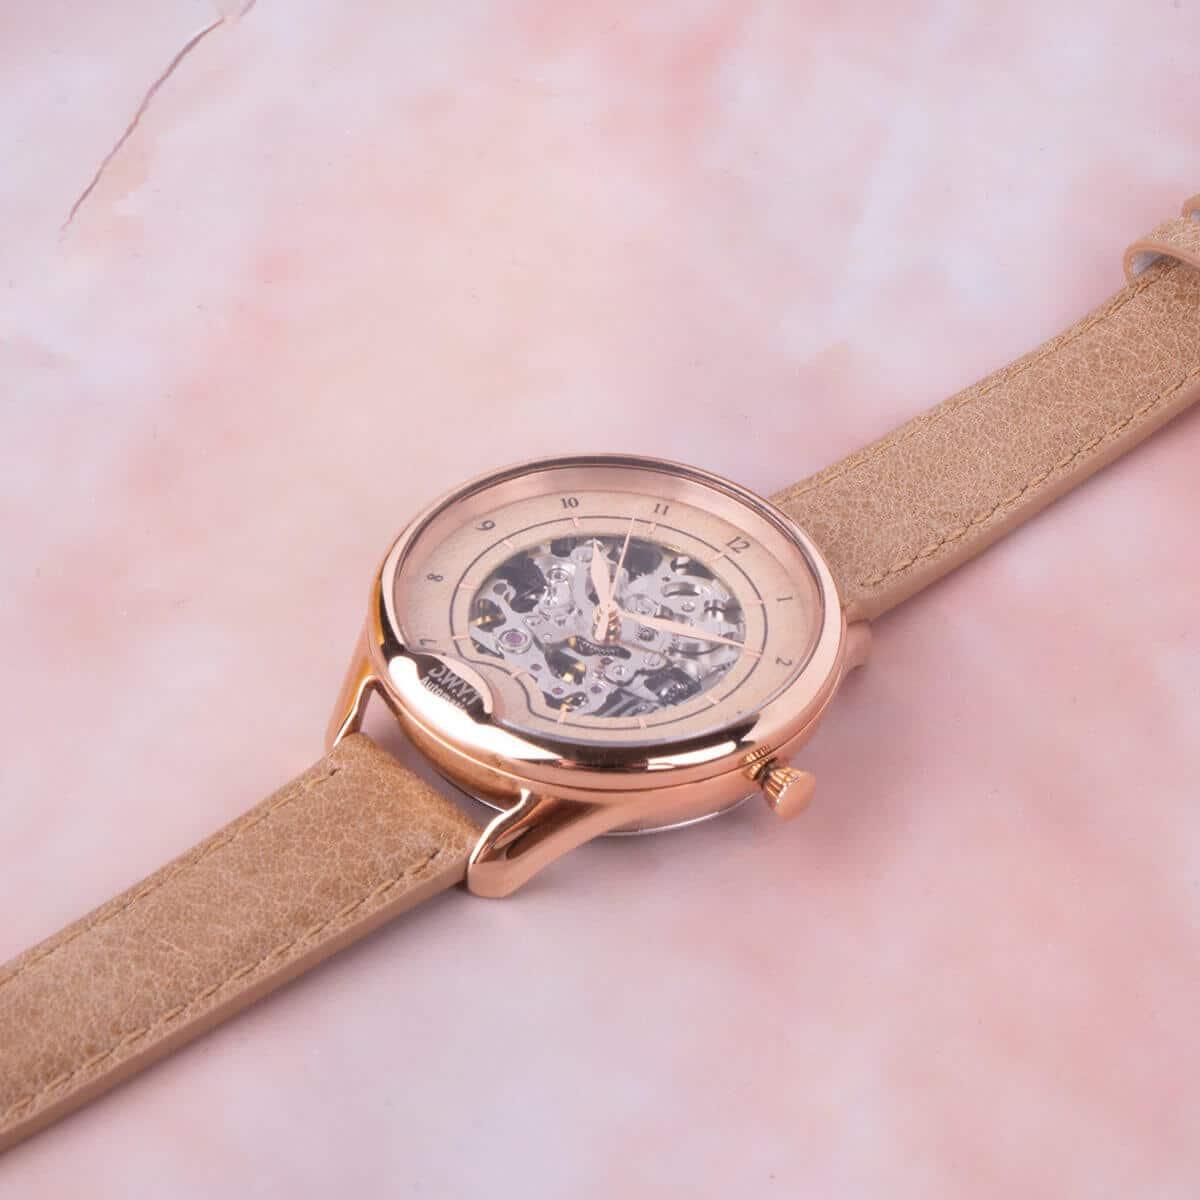 Montre squelette femme rosegold Odyssey avec bracelet cuir grainé beige